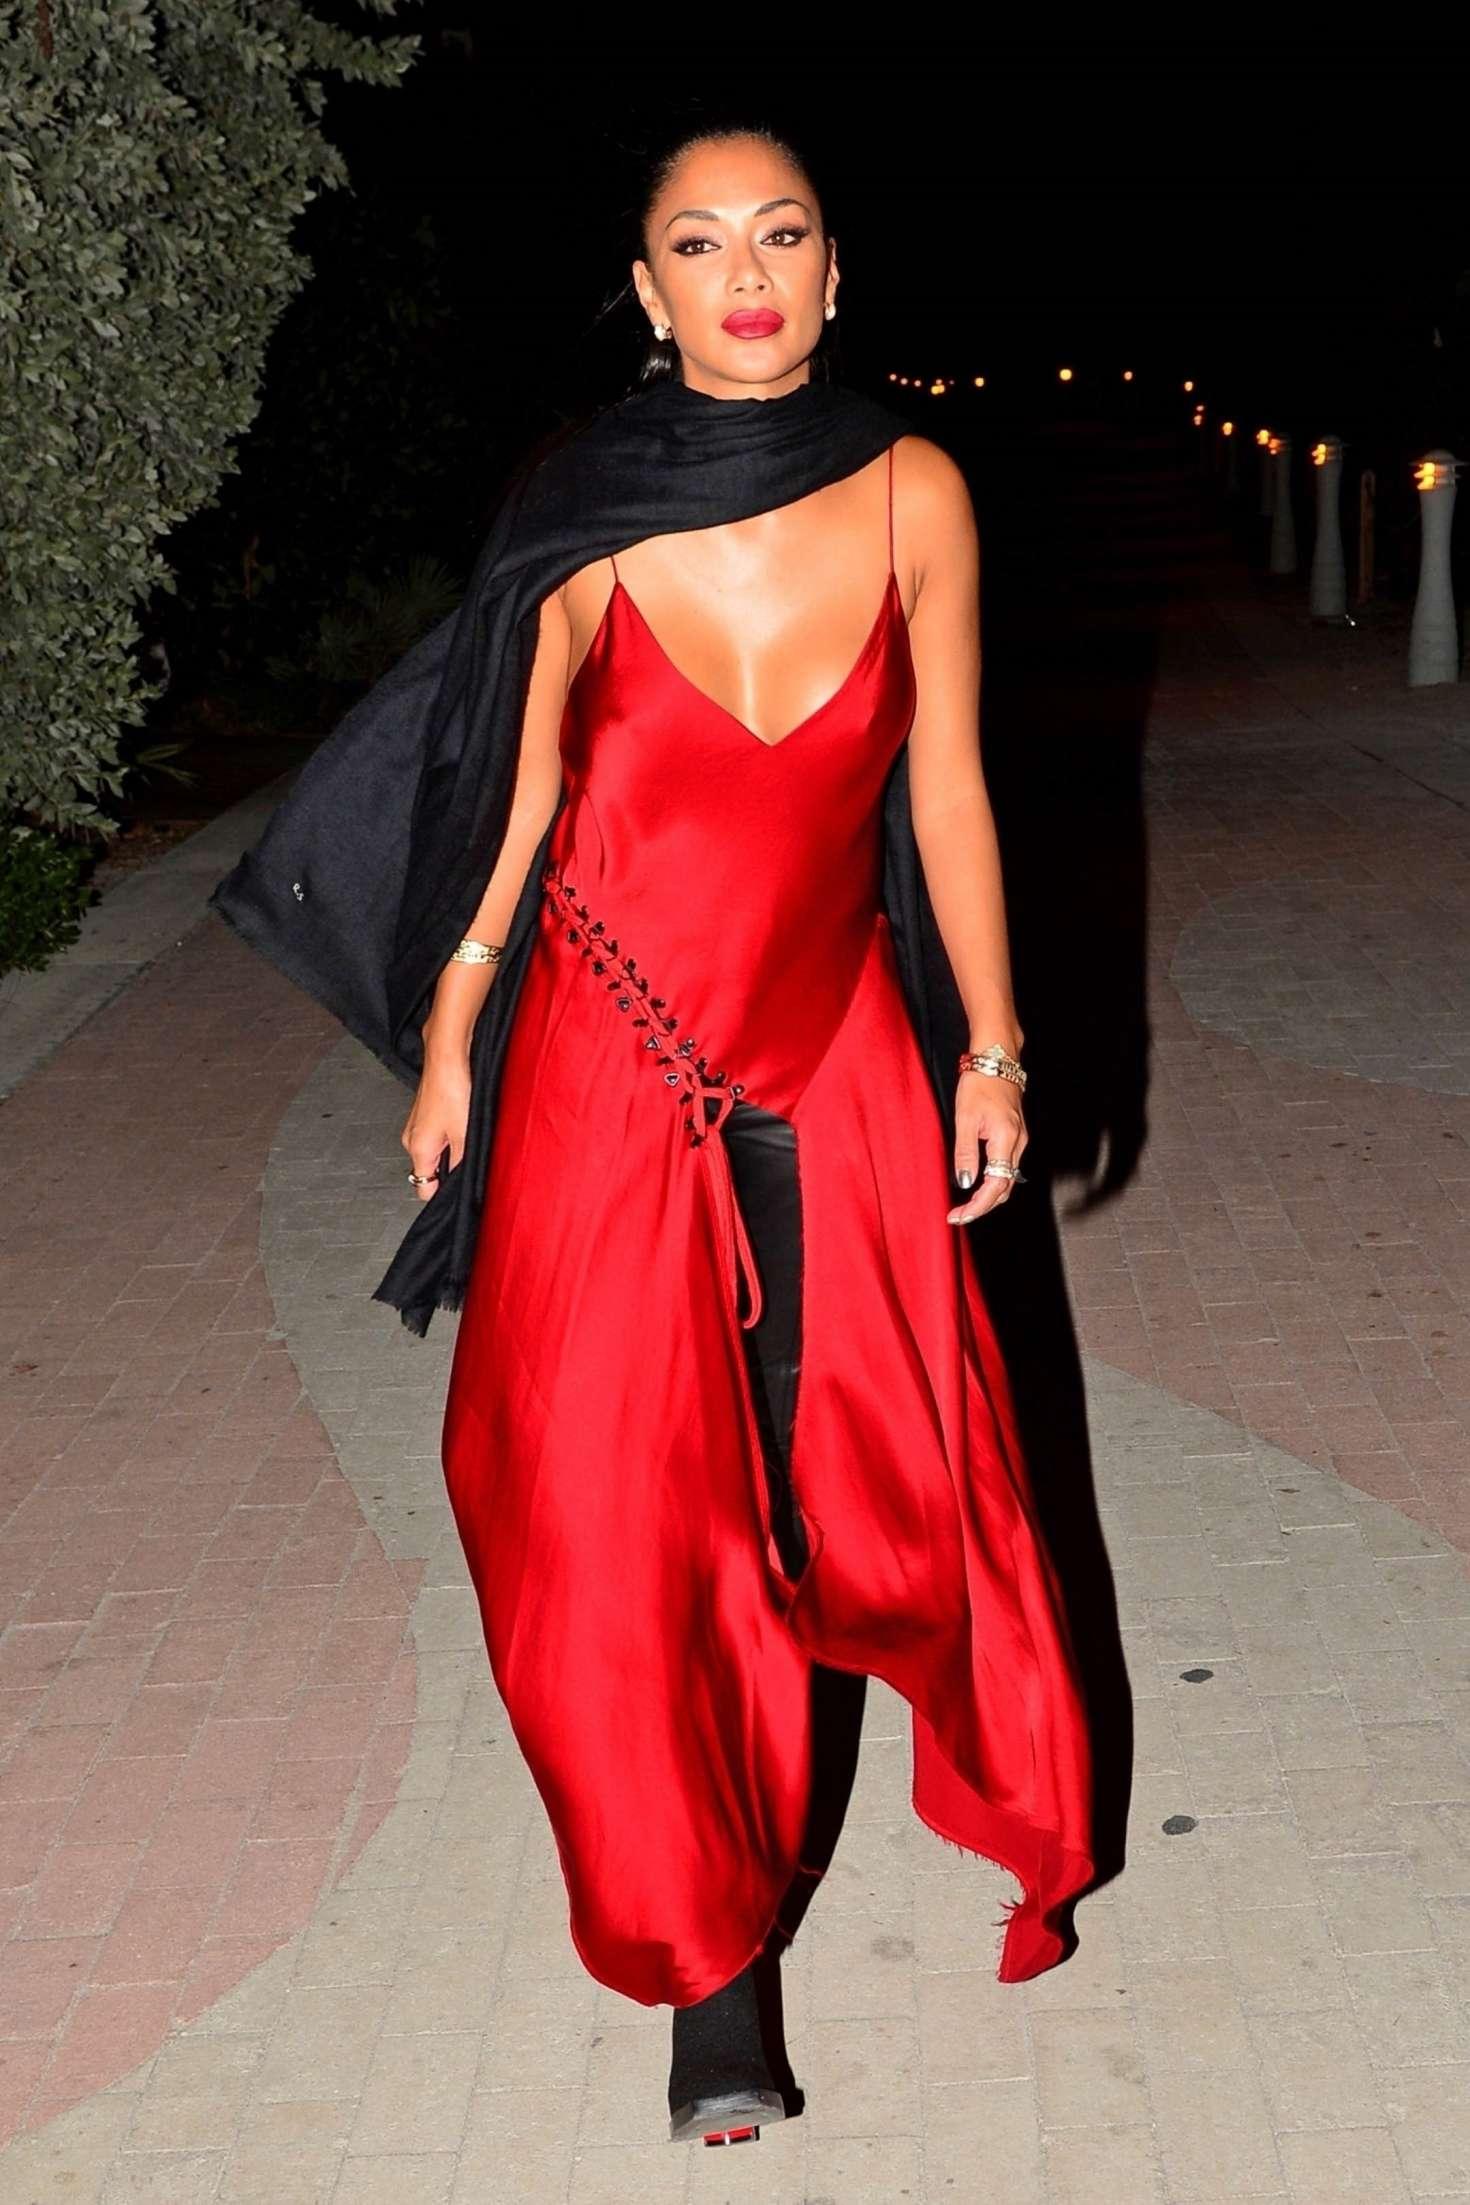 Nicole Scherzinger In Red Dress At The Faena Hotel Art